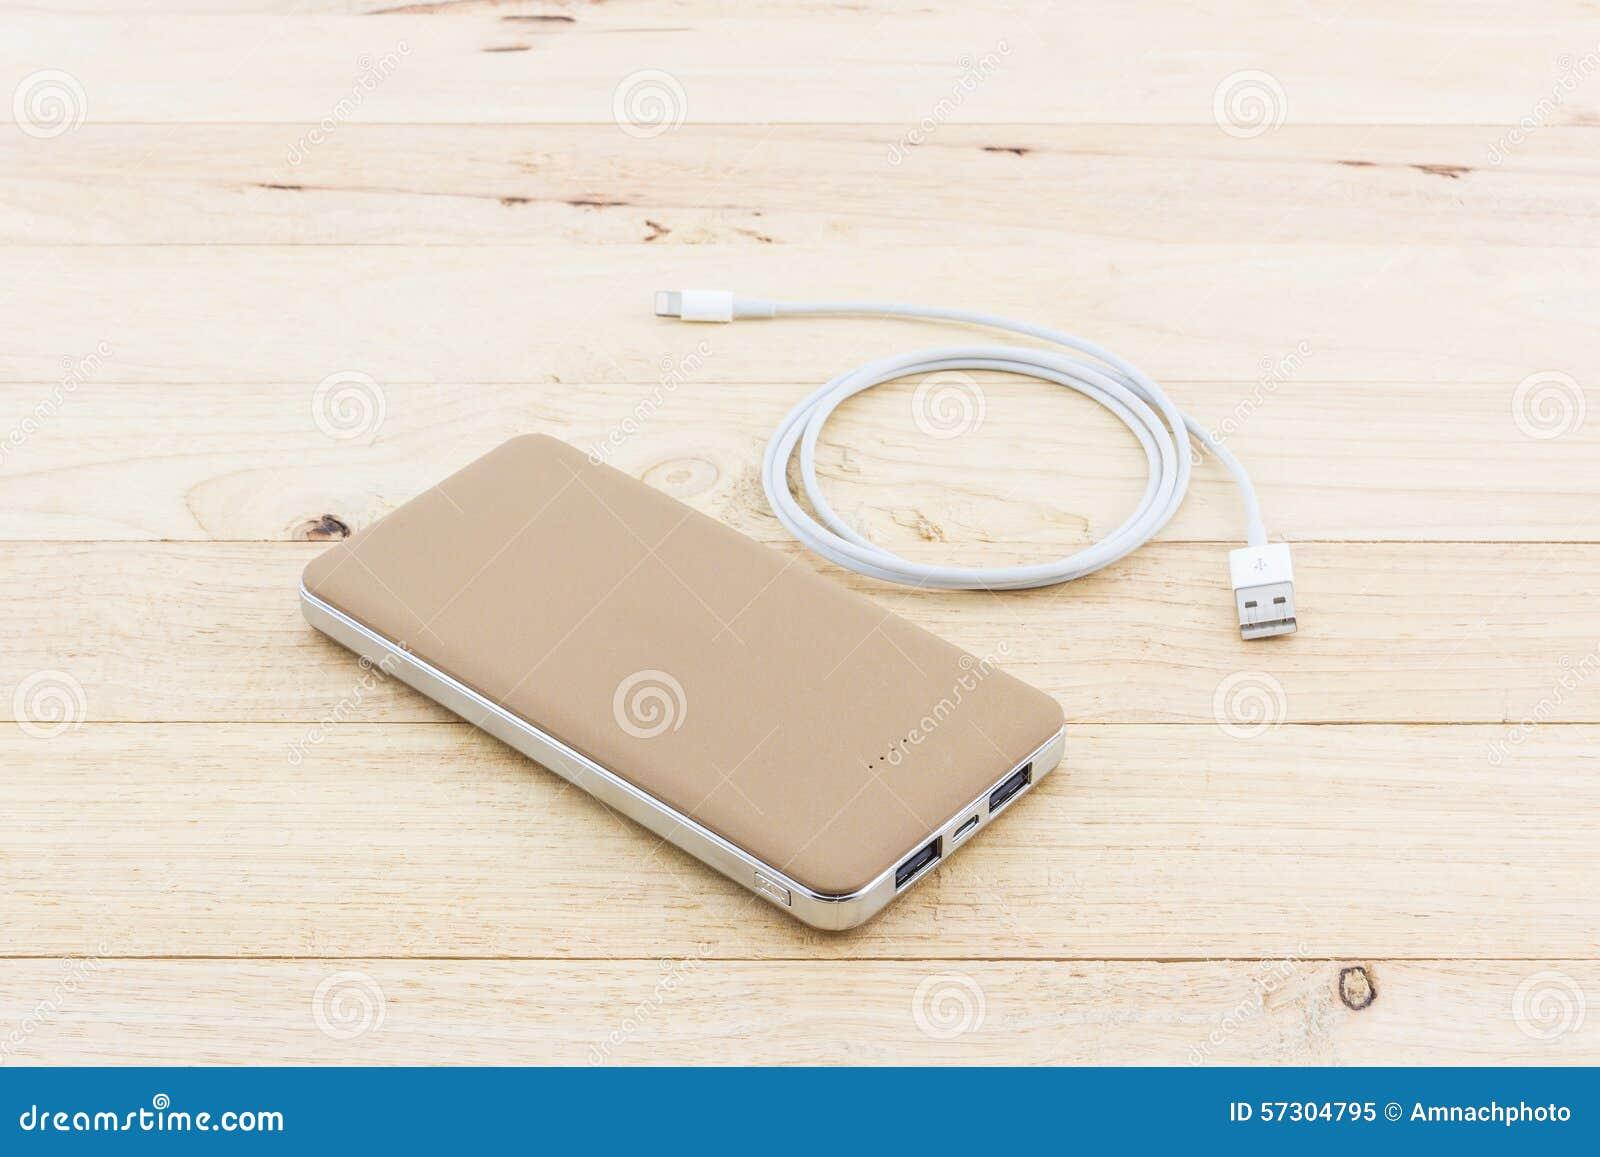 Goldenes Powerbank Und Usb Kabel Fr Smartphone Stockbild Bild Von Power Bank